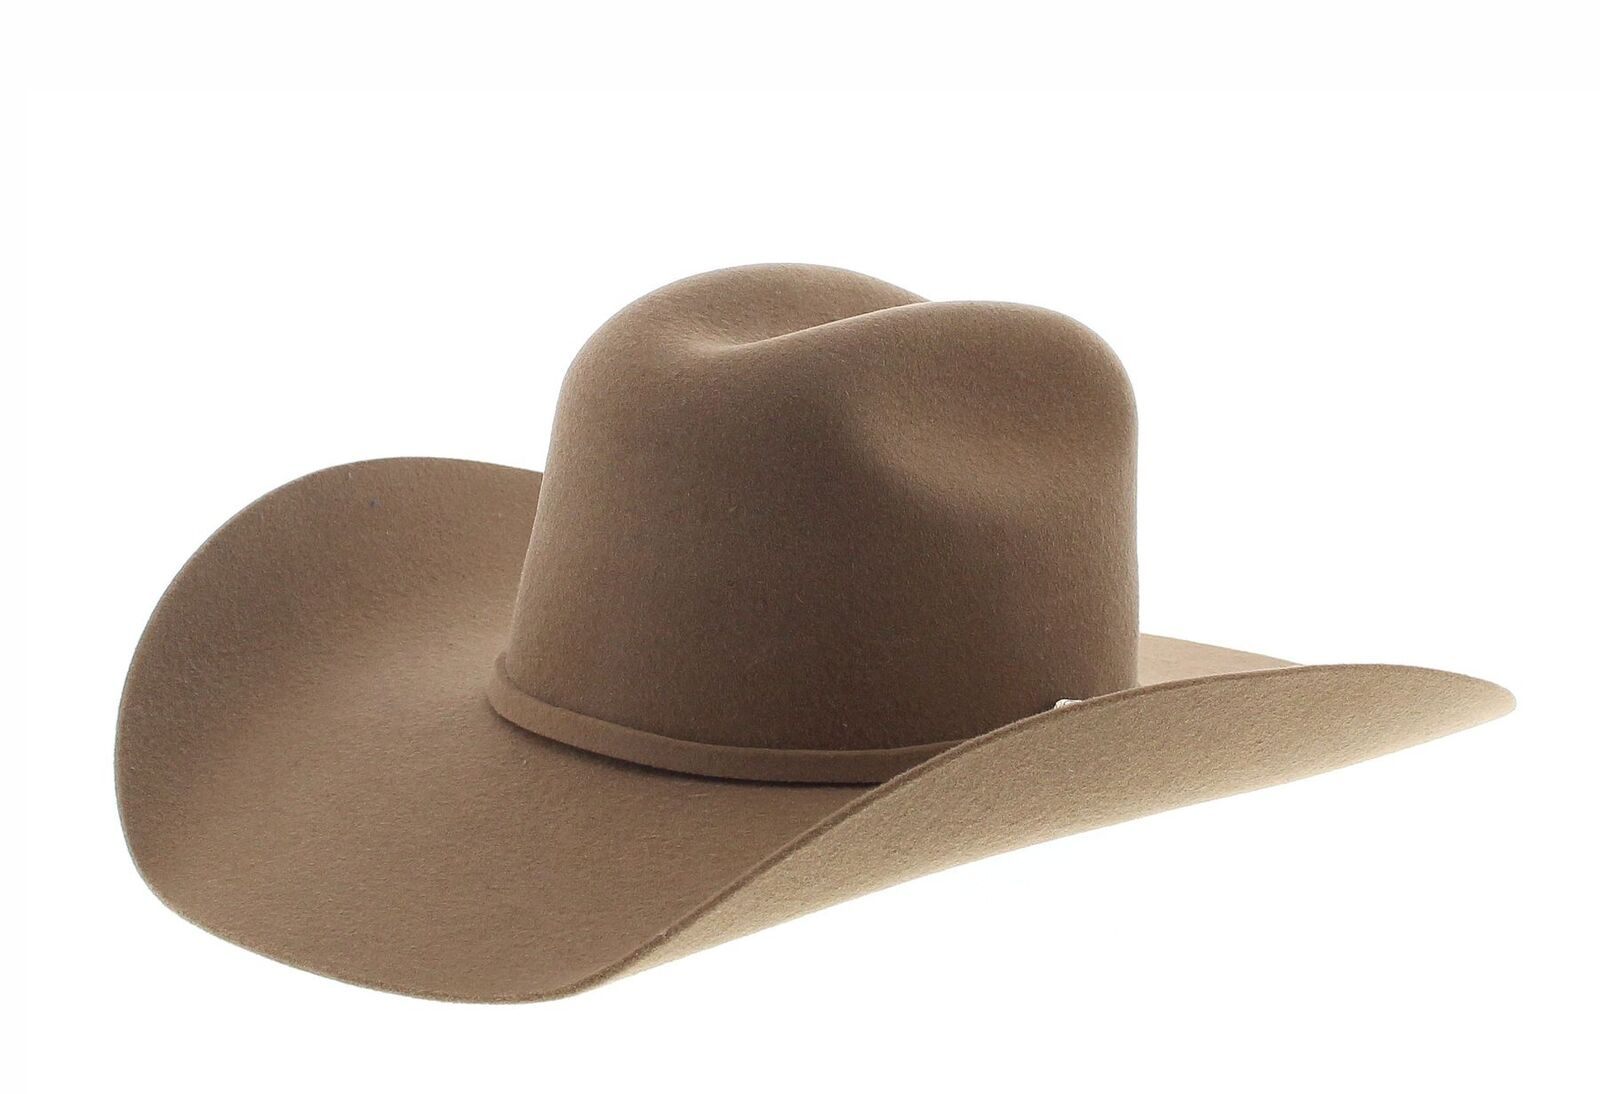 Justin Hats jf0330 Denton II Fawn señores sombrero vaquero marrón vaquero wollhut